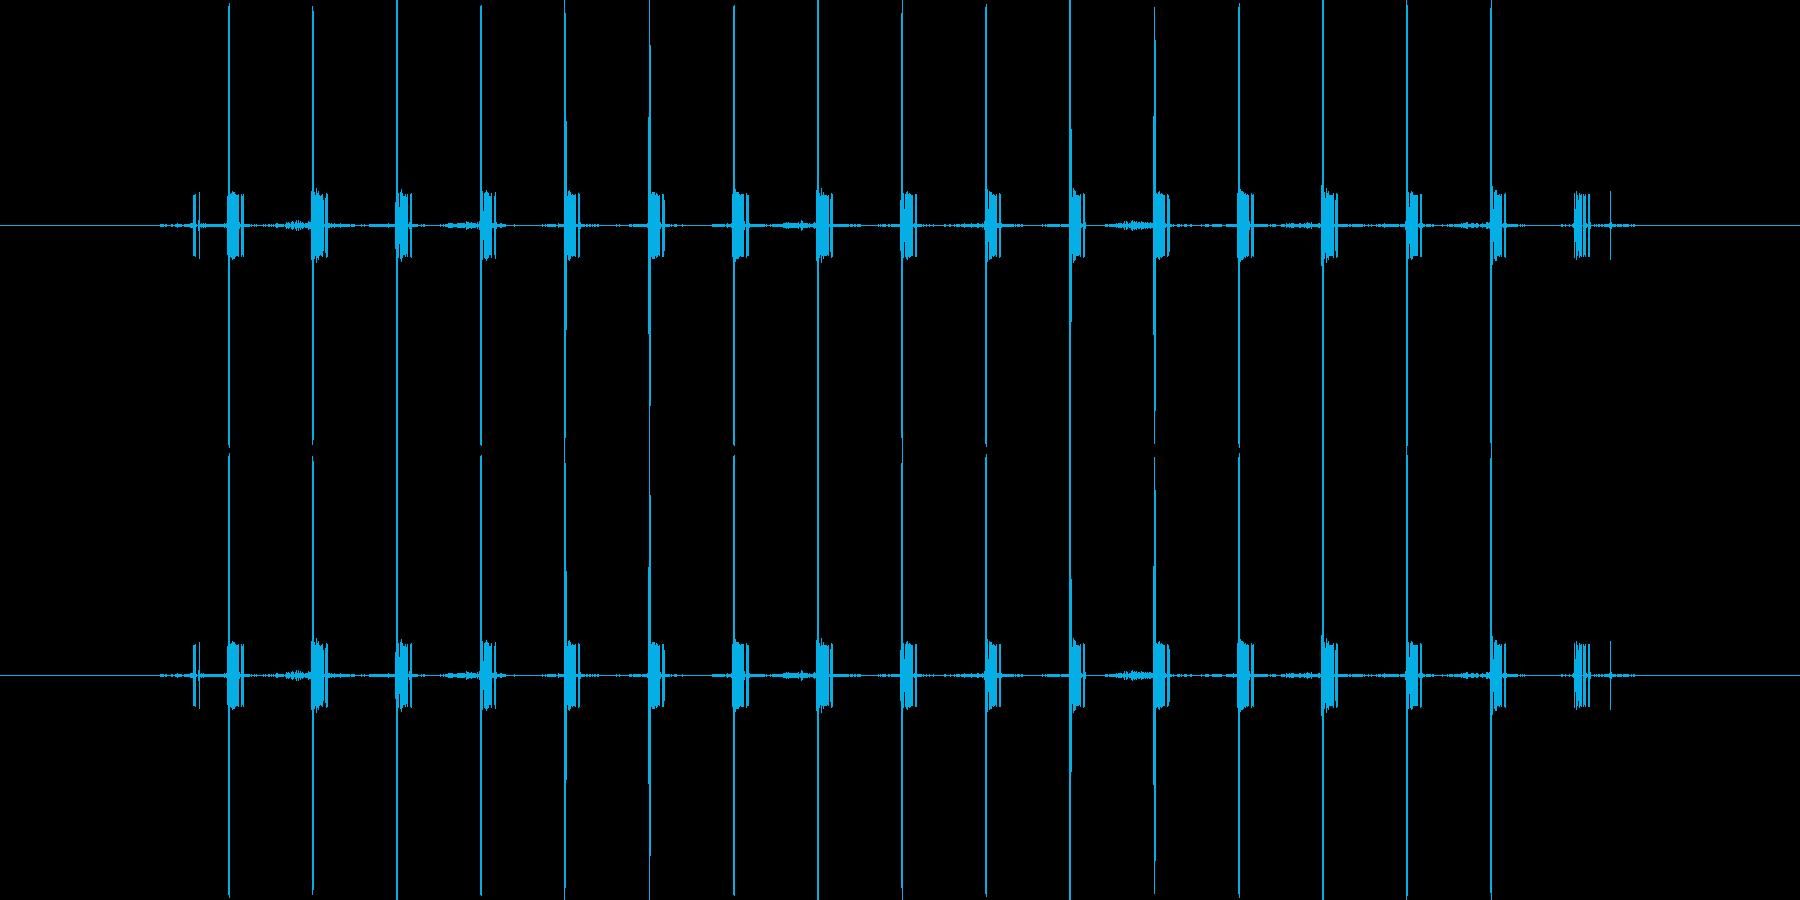 間違い時の電子音/短めの再生済みの波形